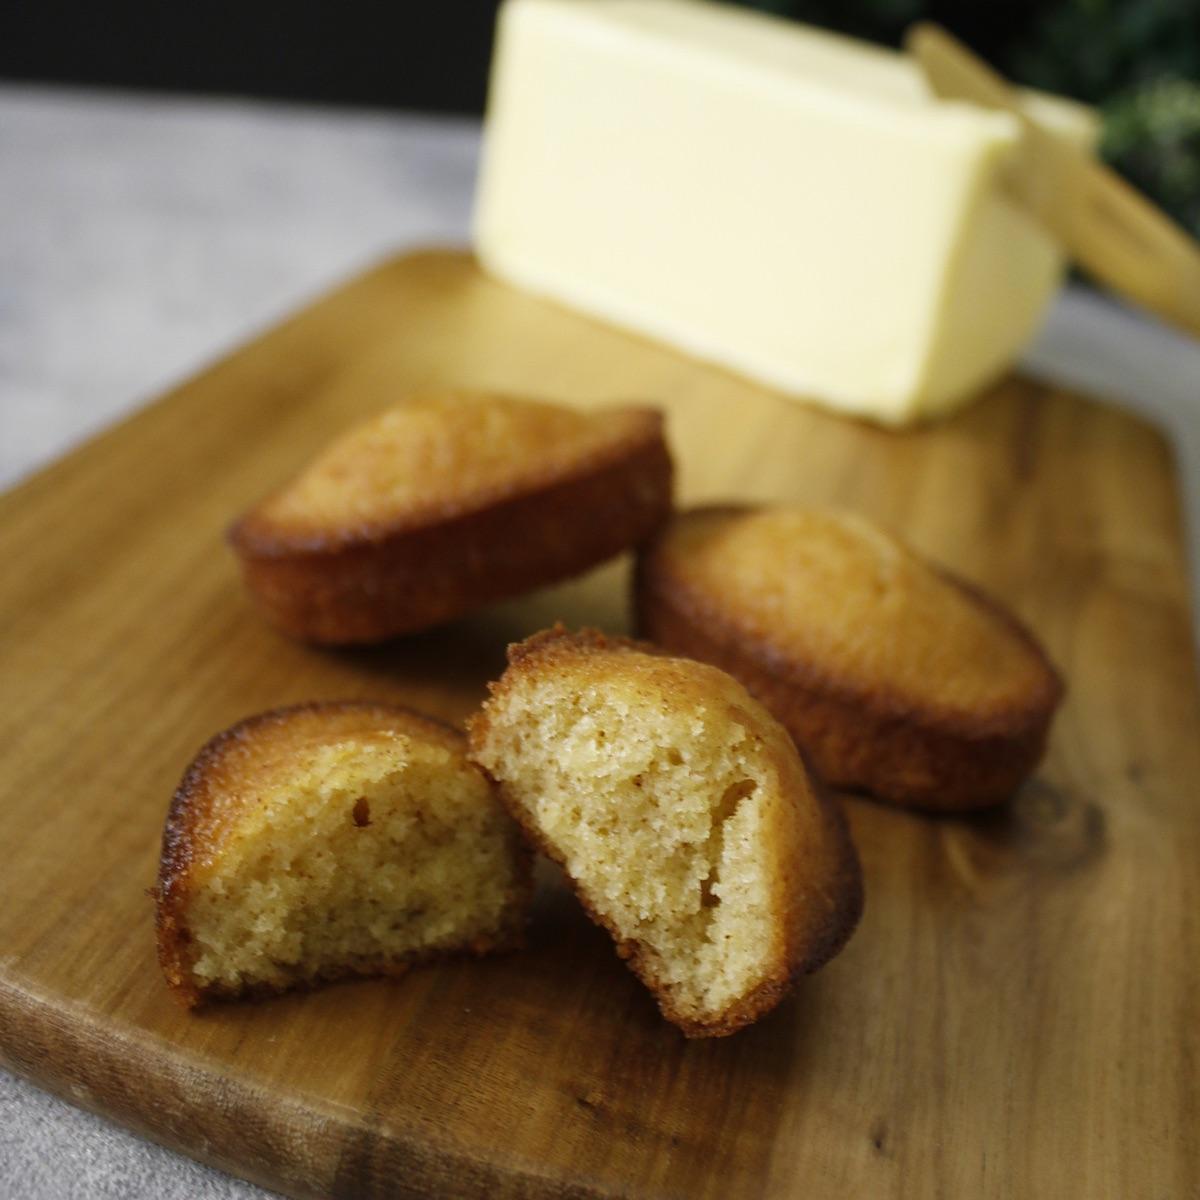 フランス産発酵バターのフィナンシェ